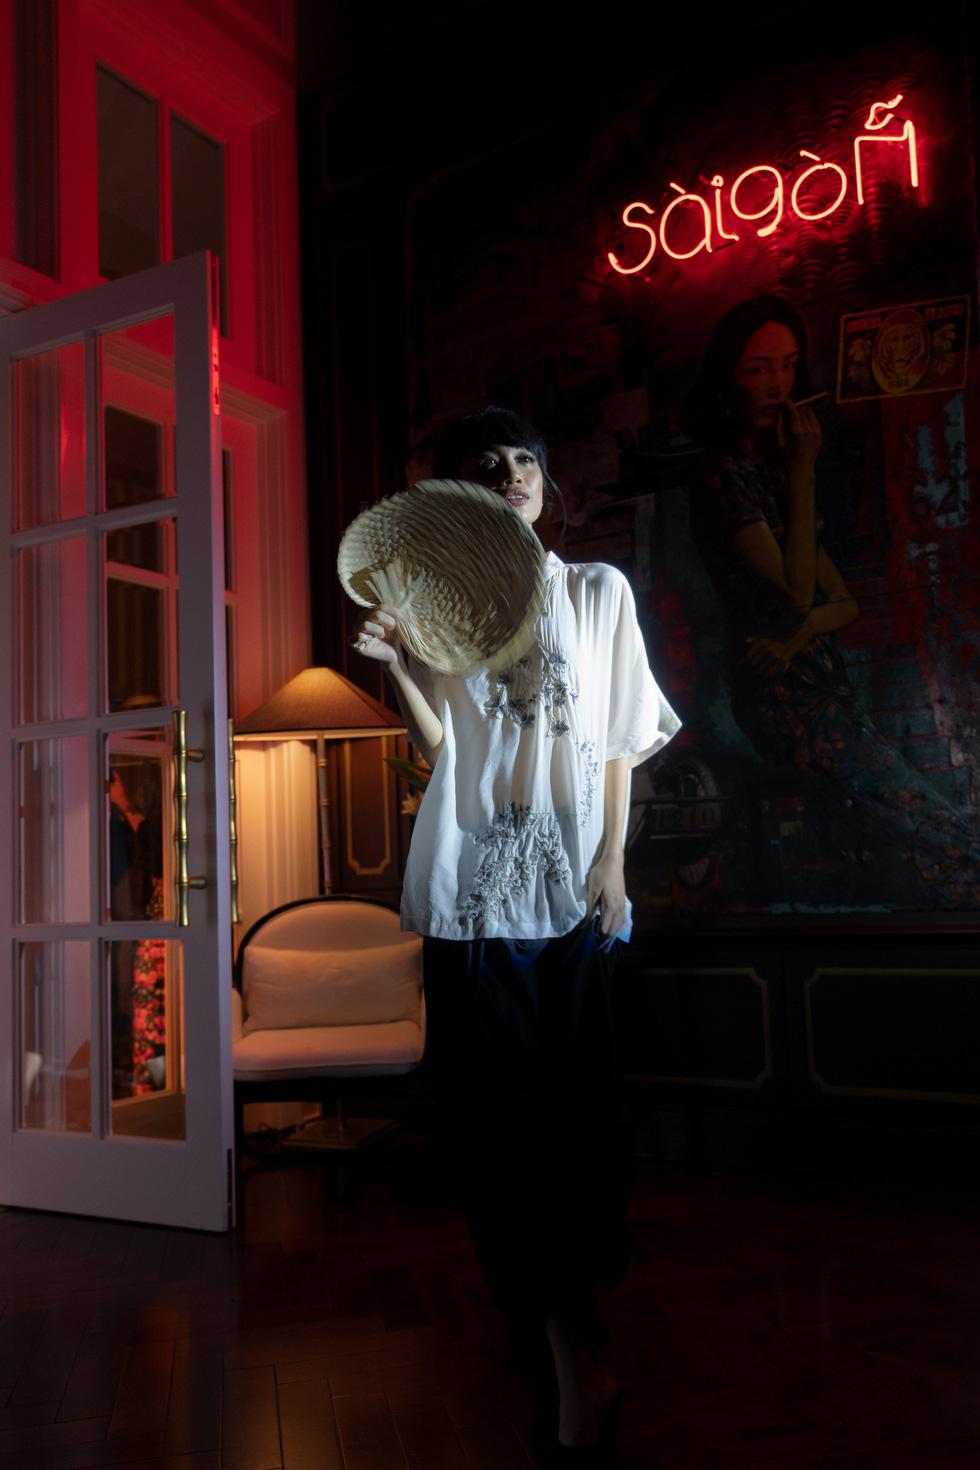 Nhà thiết kế Li Lam: Thời trang liên quan đến nội tâm nhiều hơn những gì hào nhoáng bên ngoài - Ảnh 7.